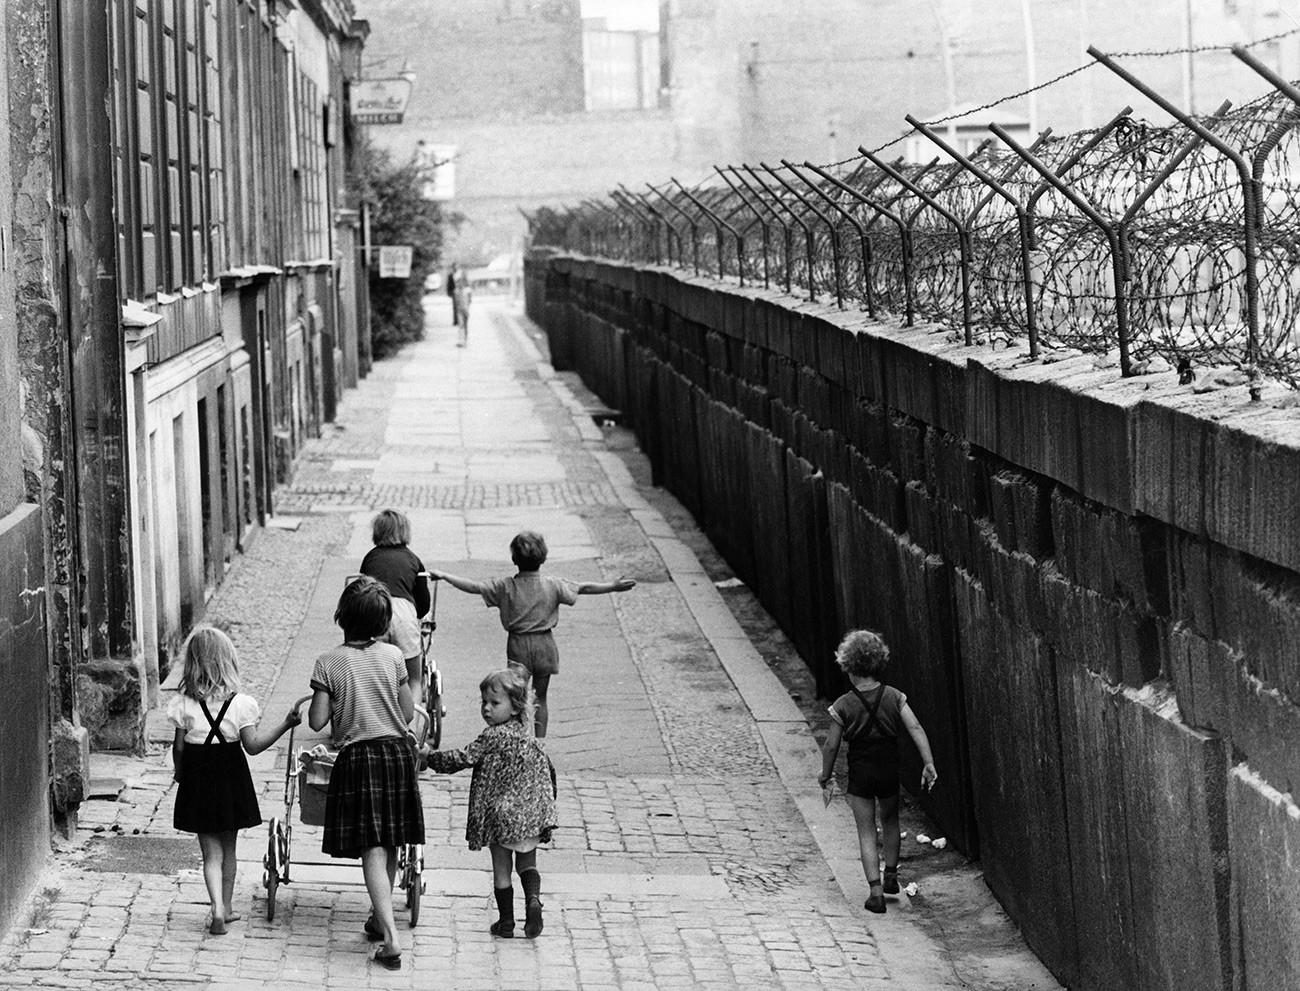 Anak-anak melintas di dekat Tembok Berlin di Sebastianstrasse, Berlin, Kreuzberg , sekitar 1964.